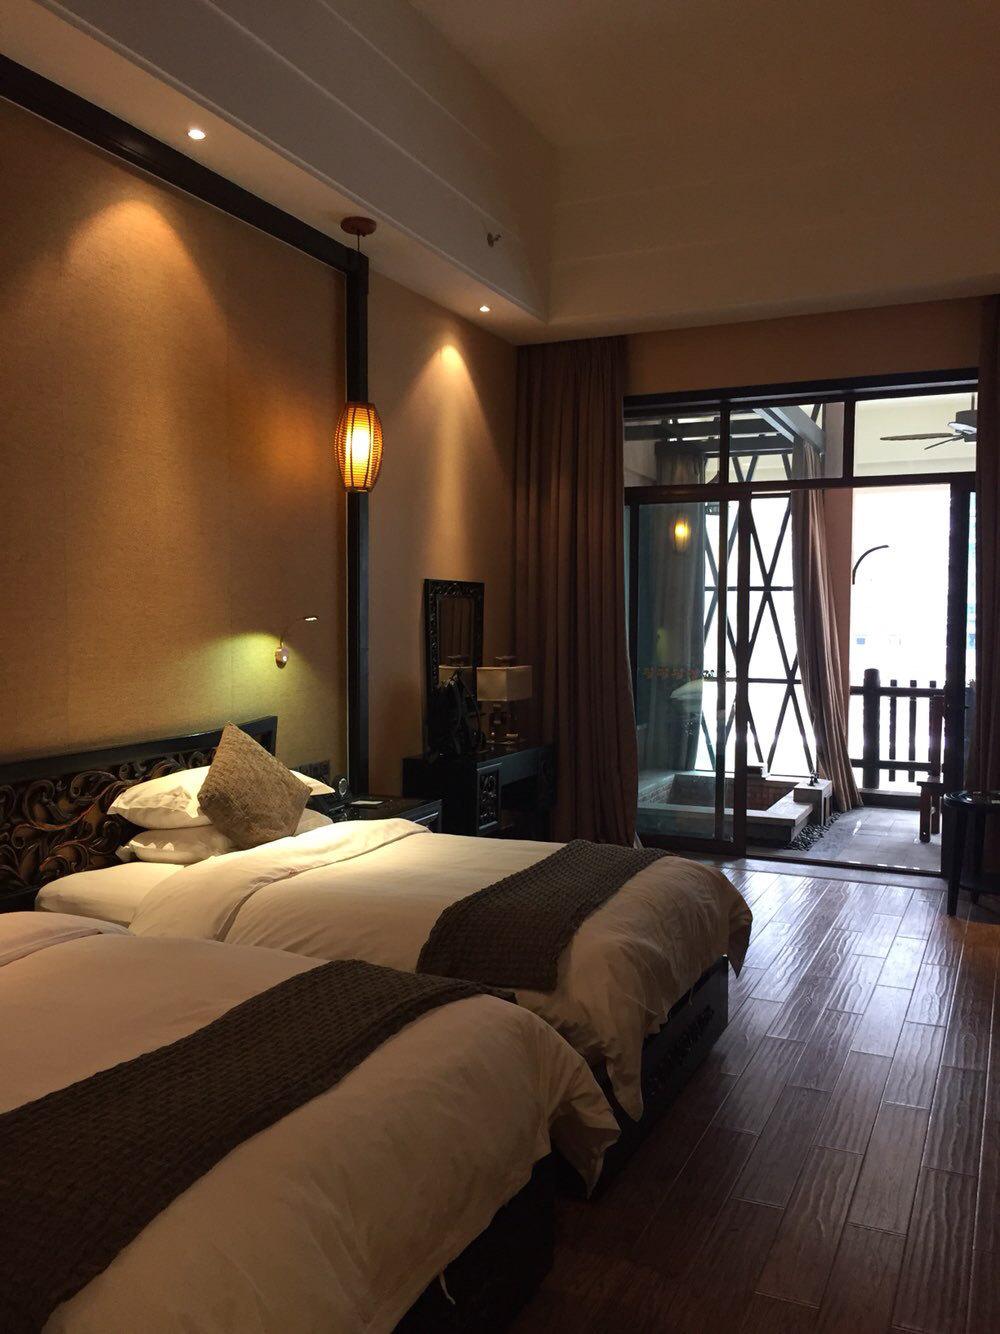 房间装修是中式风格,细节方面还是很人性化.